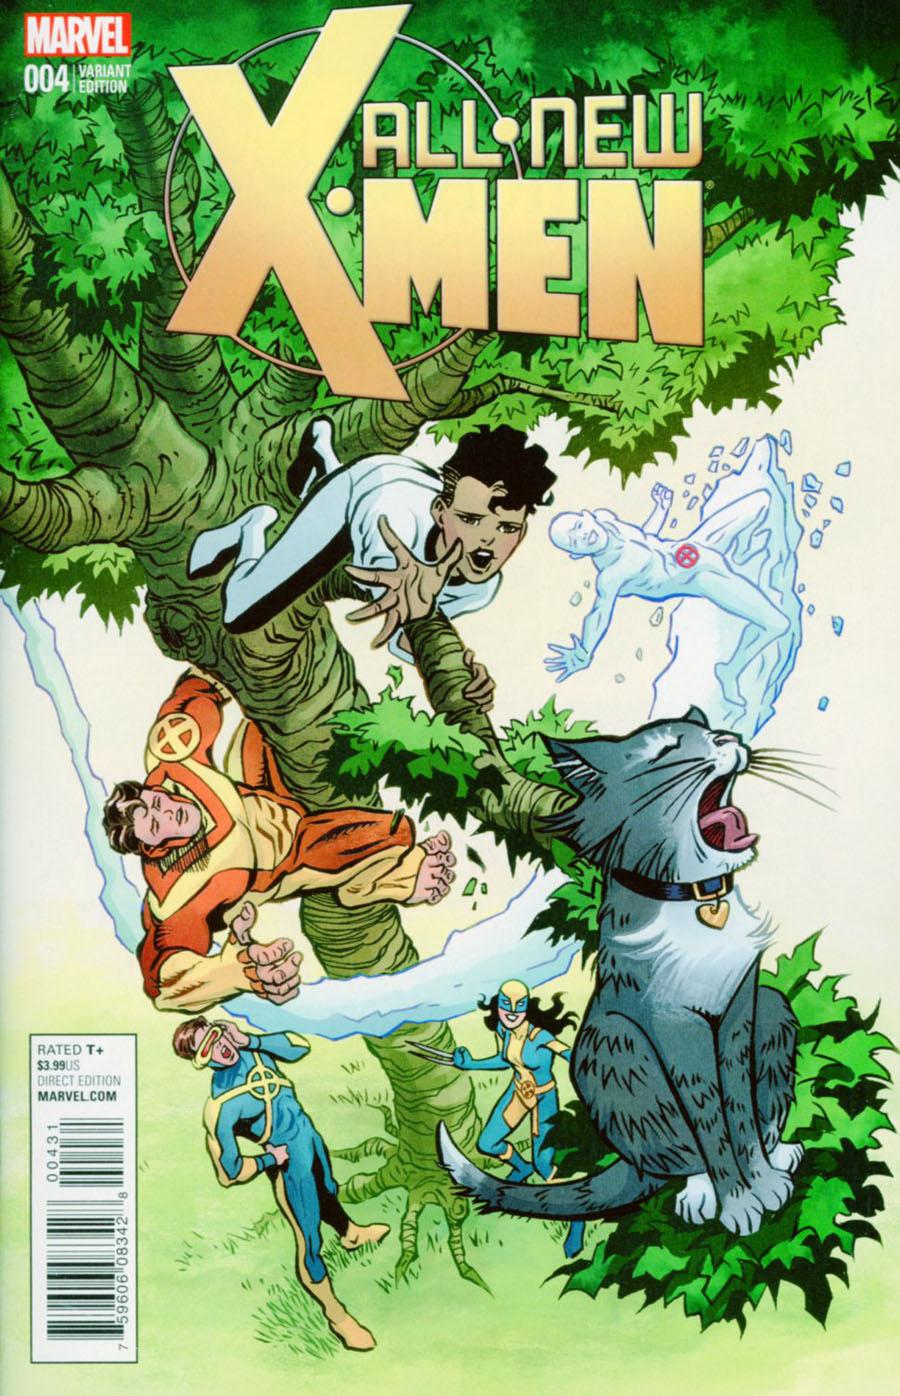 All-New X-Men Vol 2 #4 Cover D Incentive June Brigman Classic Variant Cover